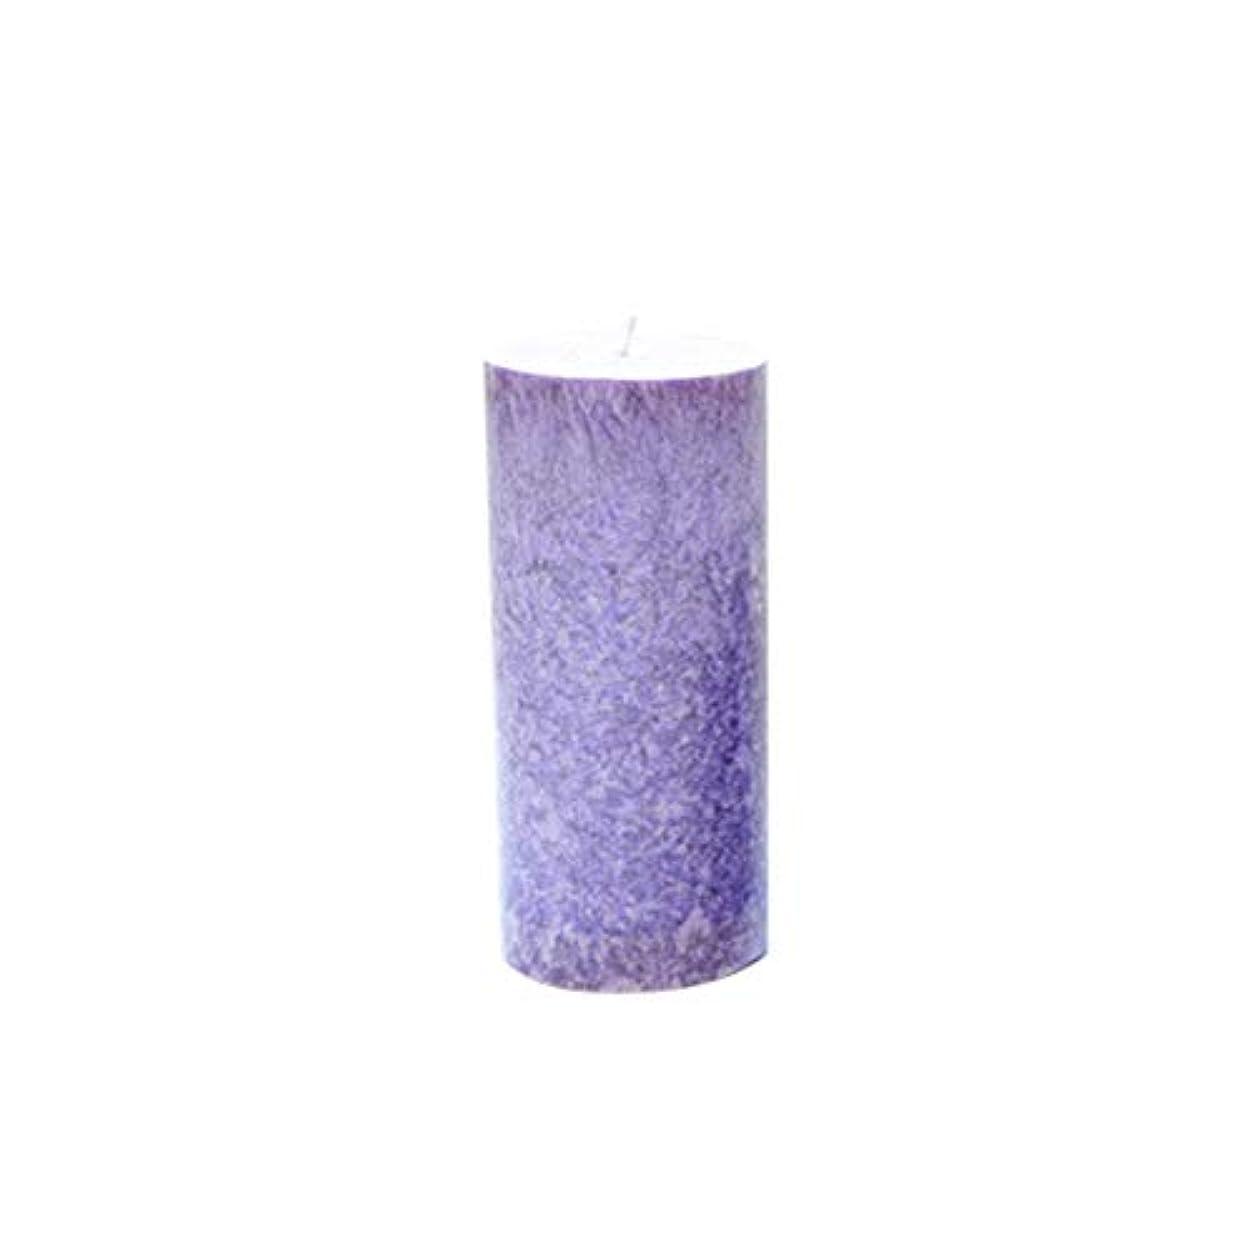 飢饉豊かにする咽頭Rakuby 香料入り 蝋燭 ロマンチック 紫色 ラベンダー アロマ療法 柱 蝋燭 祝祭 結婚祝い 無煙蝋燭